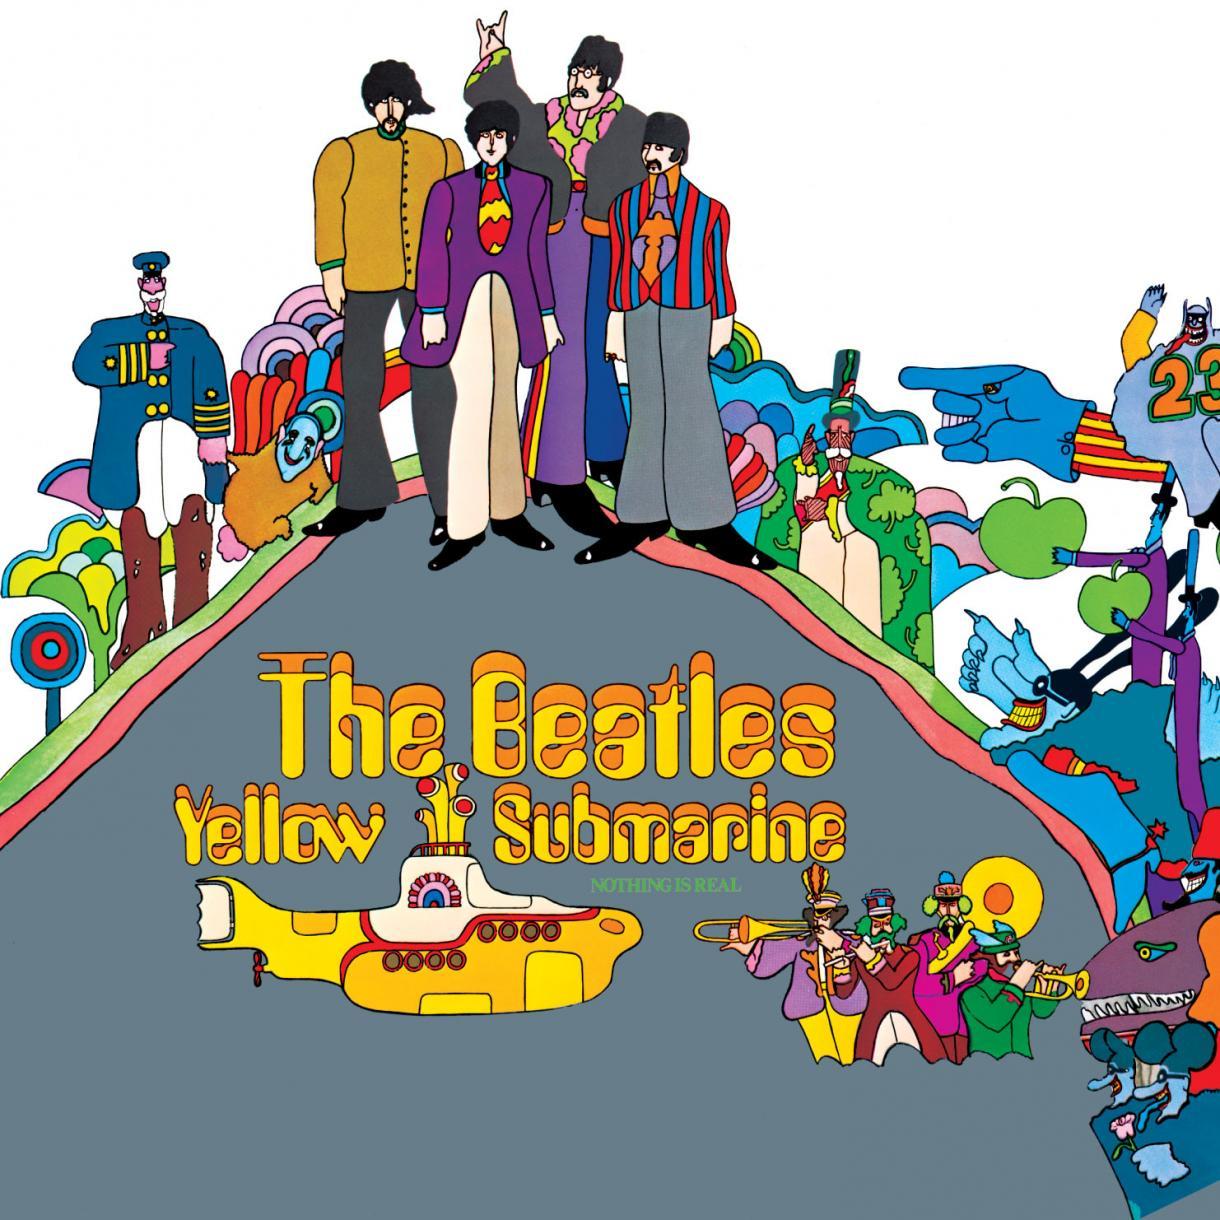 Yellow Submarine album